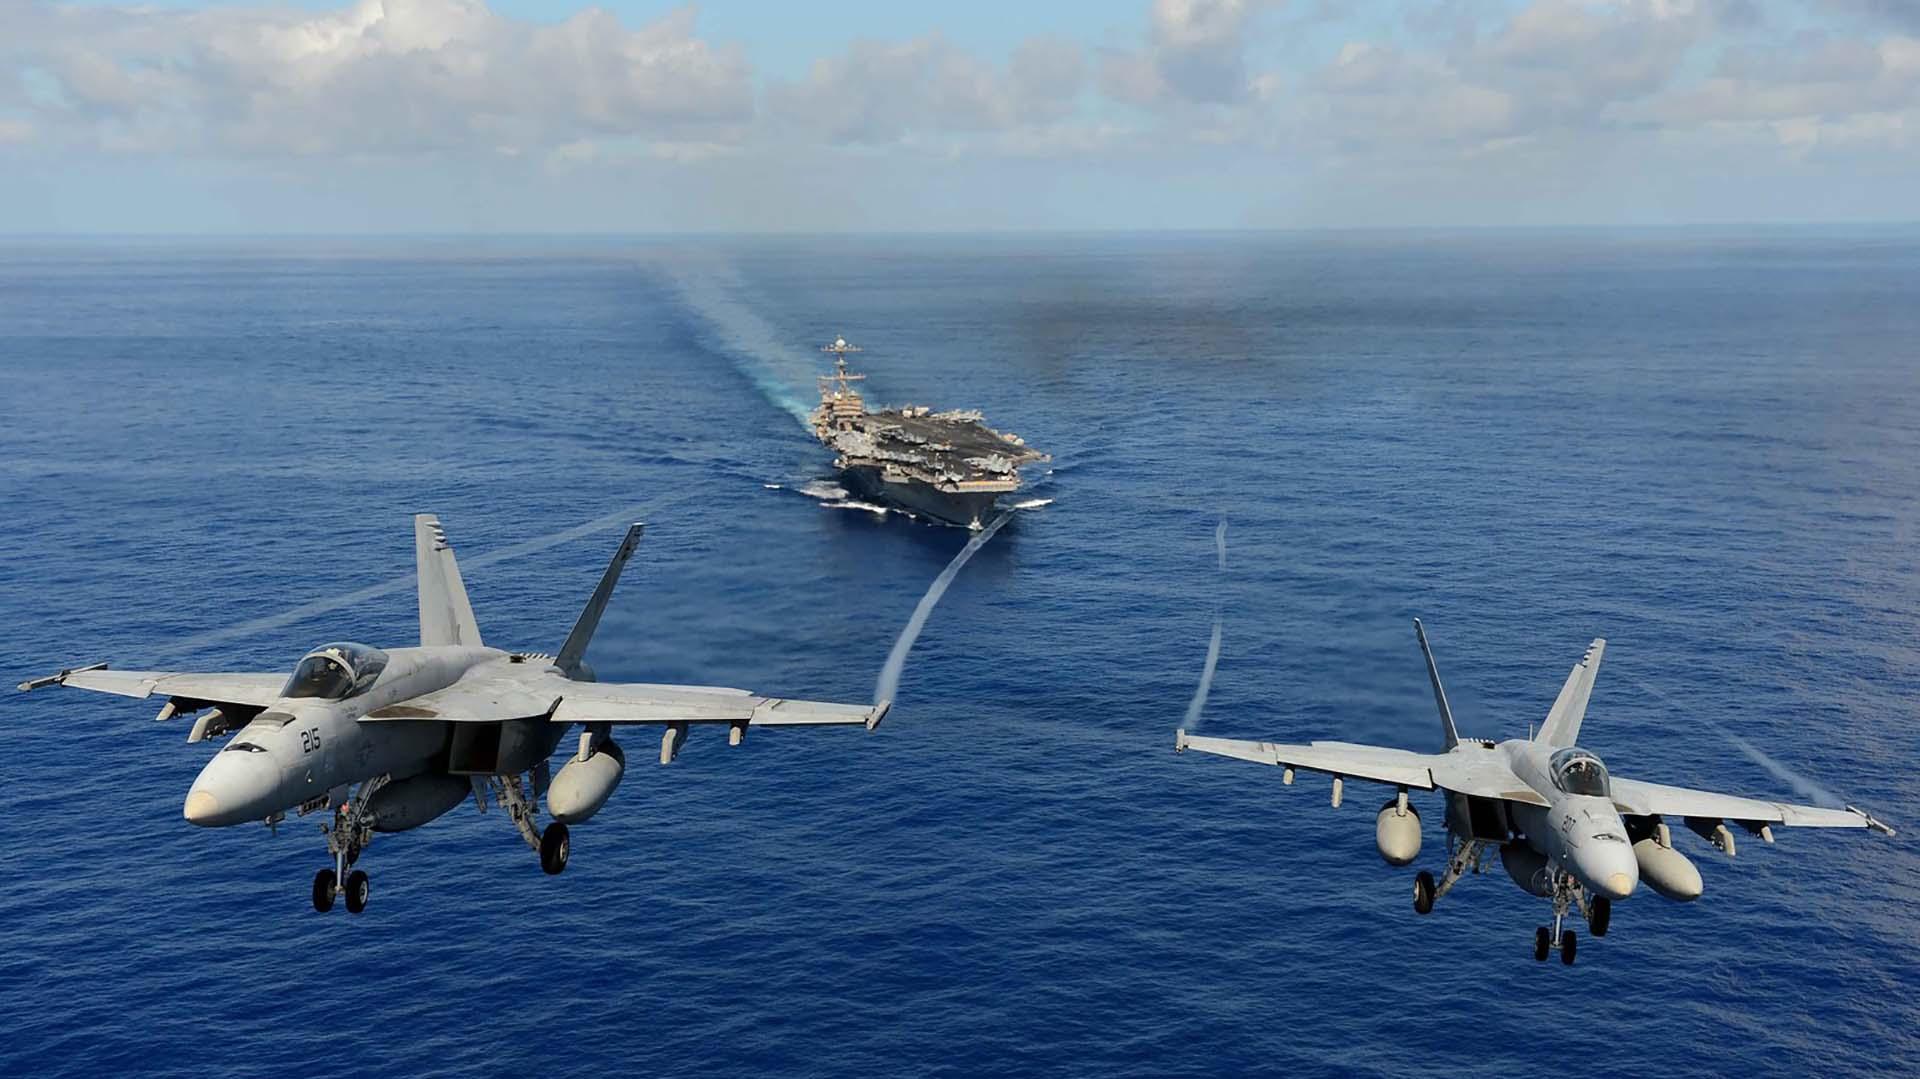 EEUU derribó el avión sirio con sus Super Hornet F/A-18E